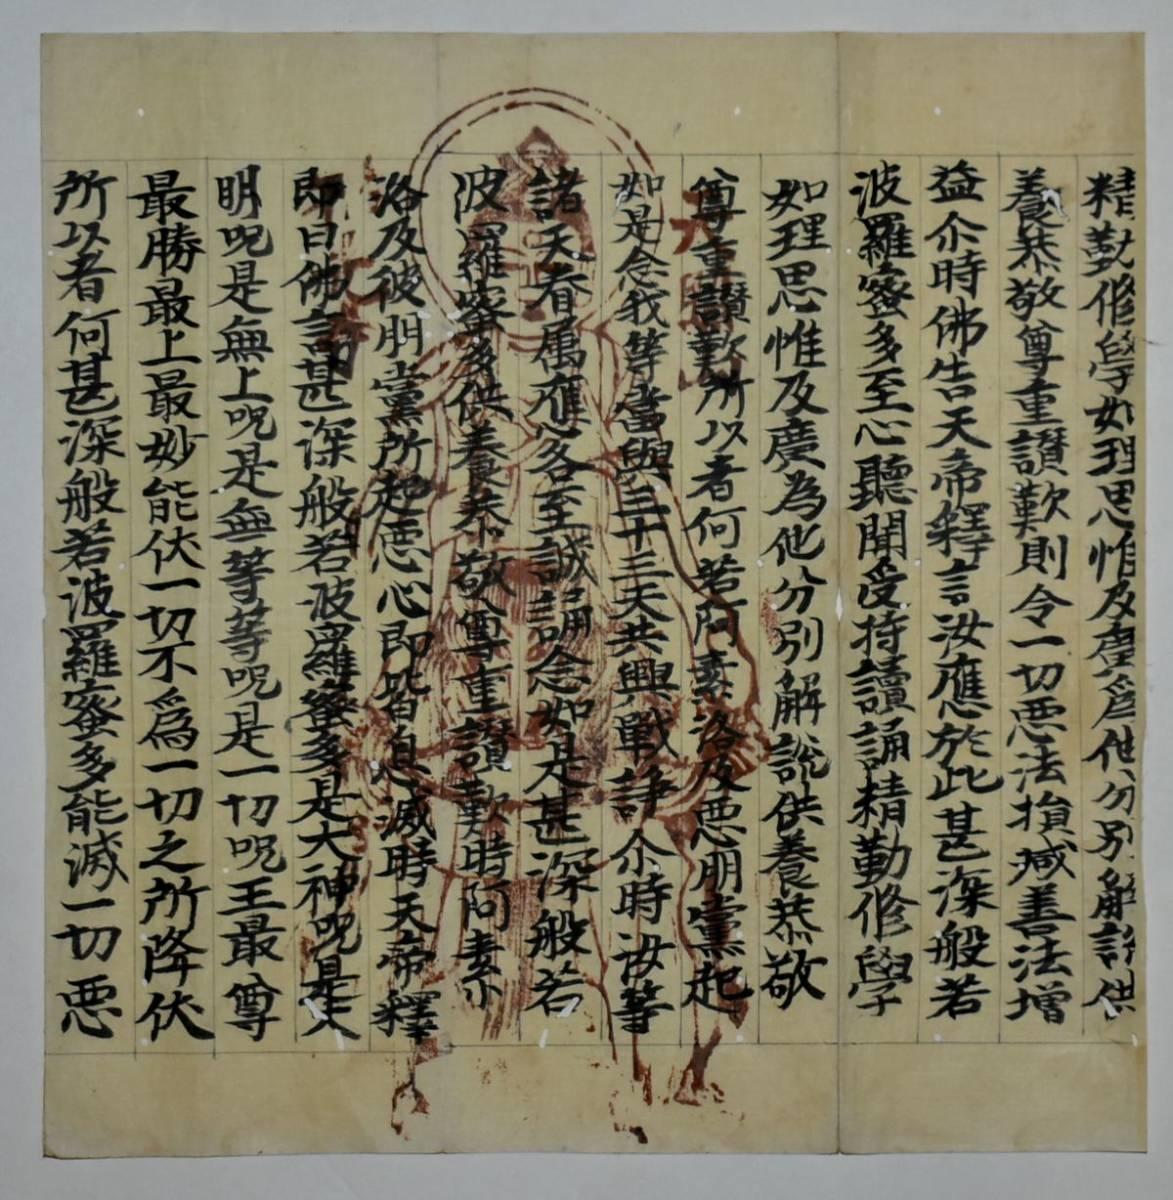 古写経「大般若経断簡」印仏 仏教版画 南北朝時代 仏教美術